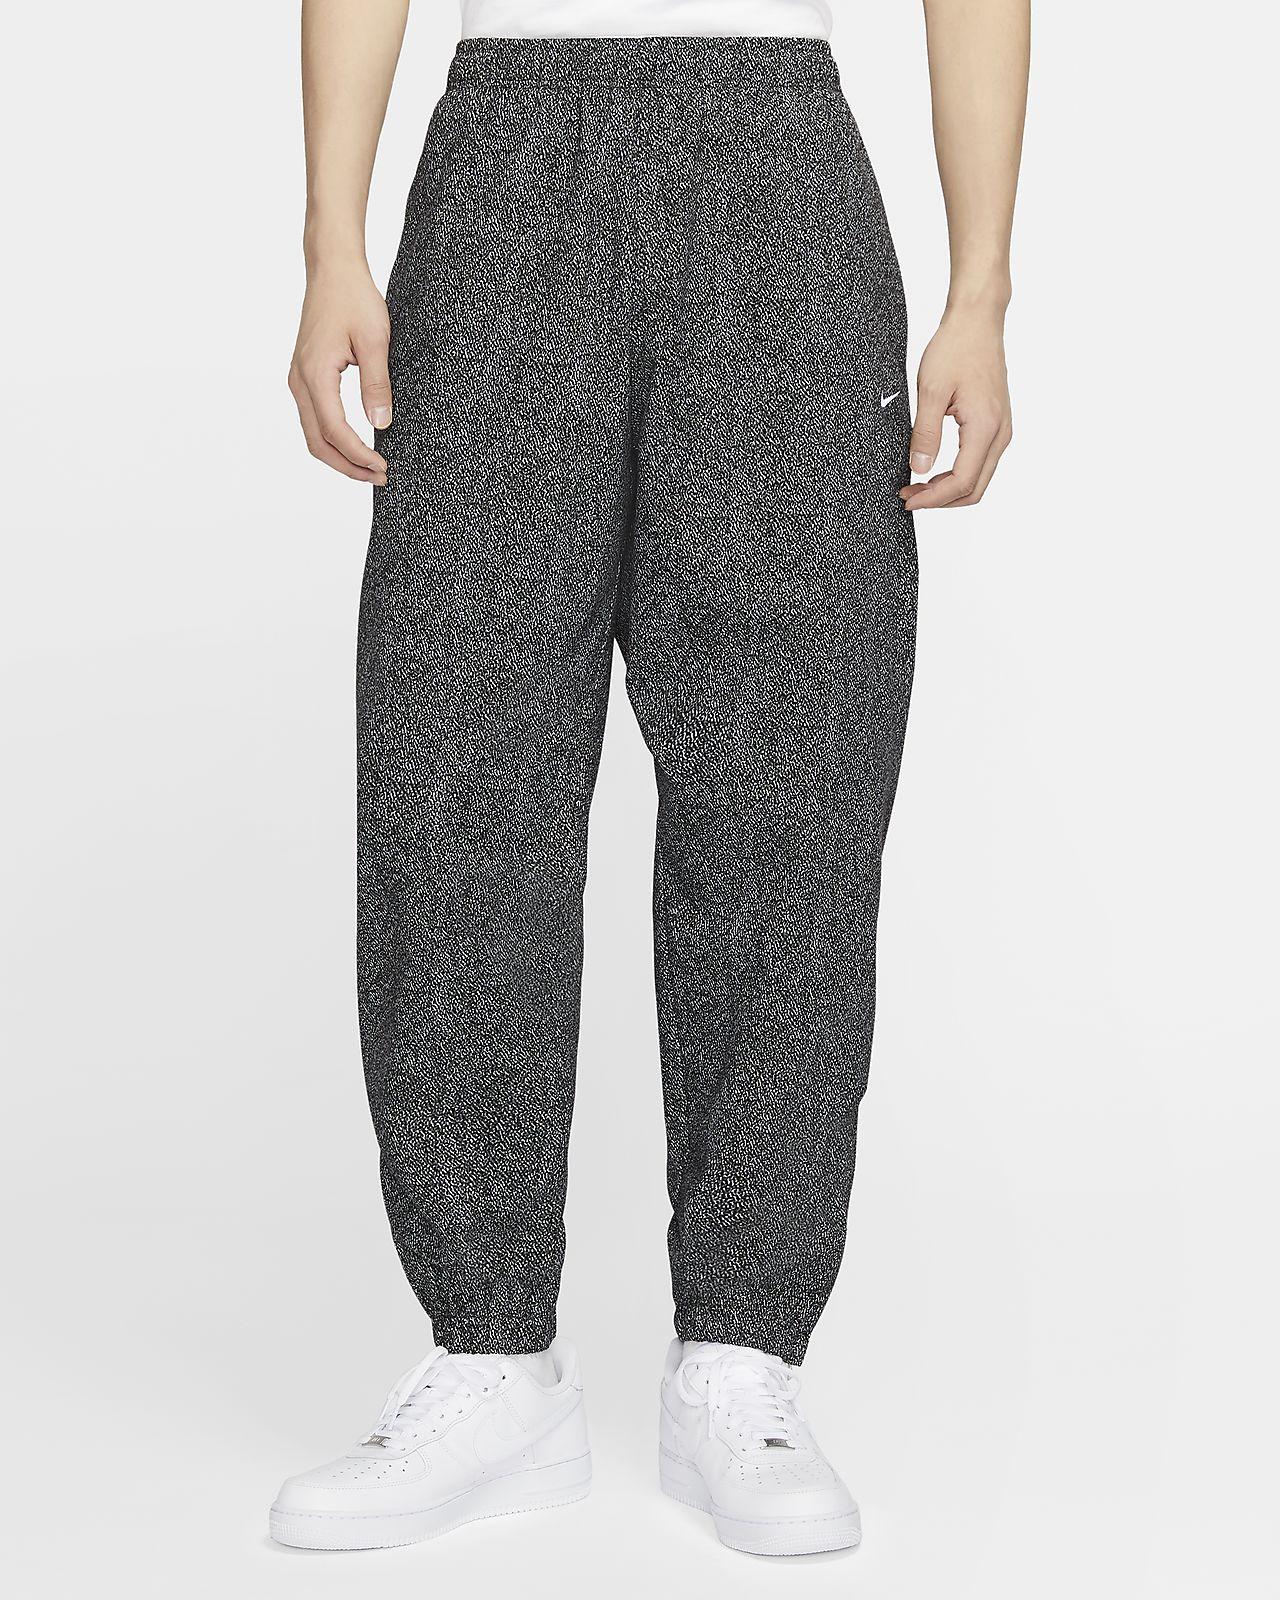 pantaloni nike x undercover